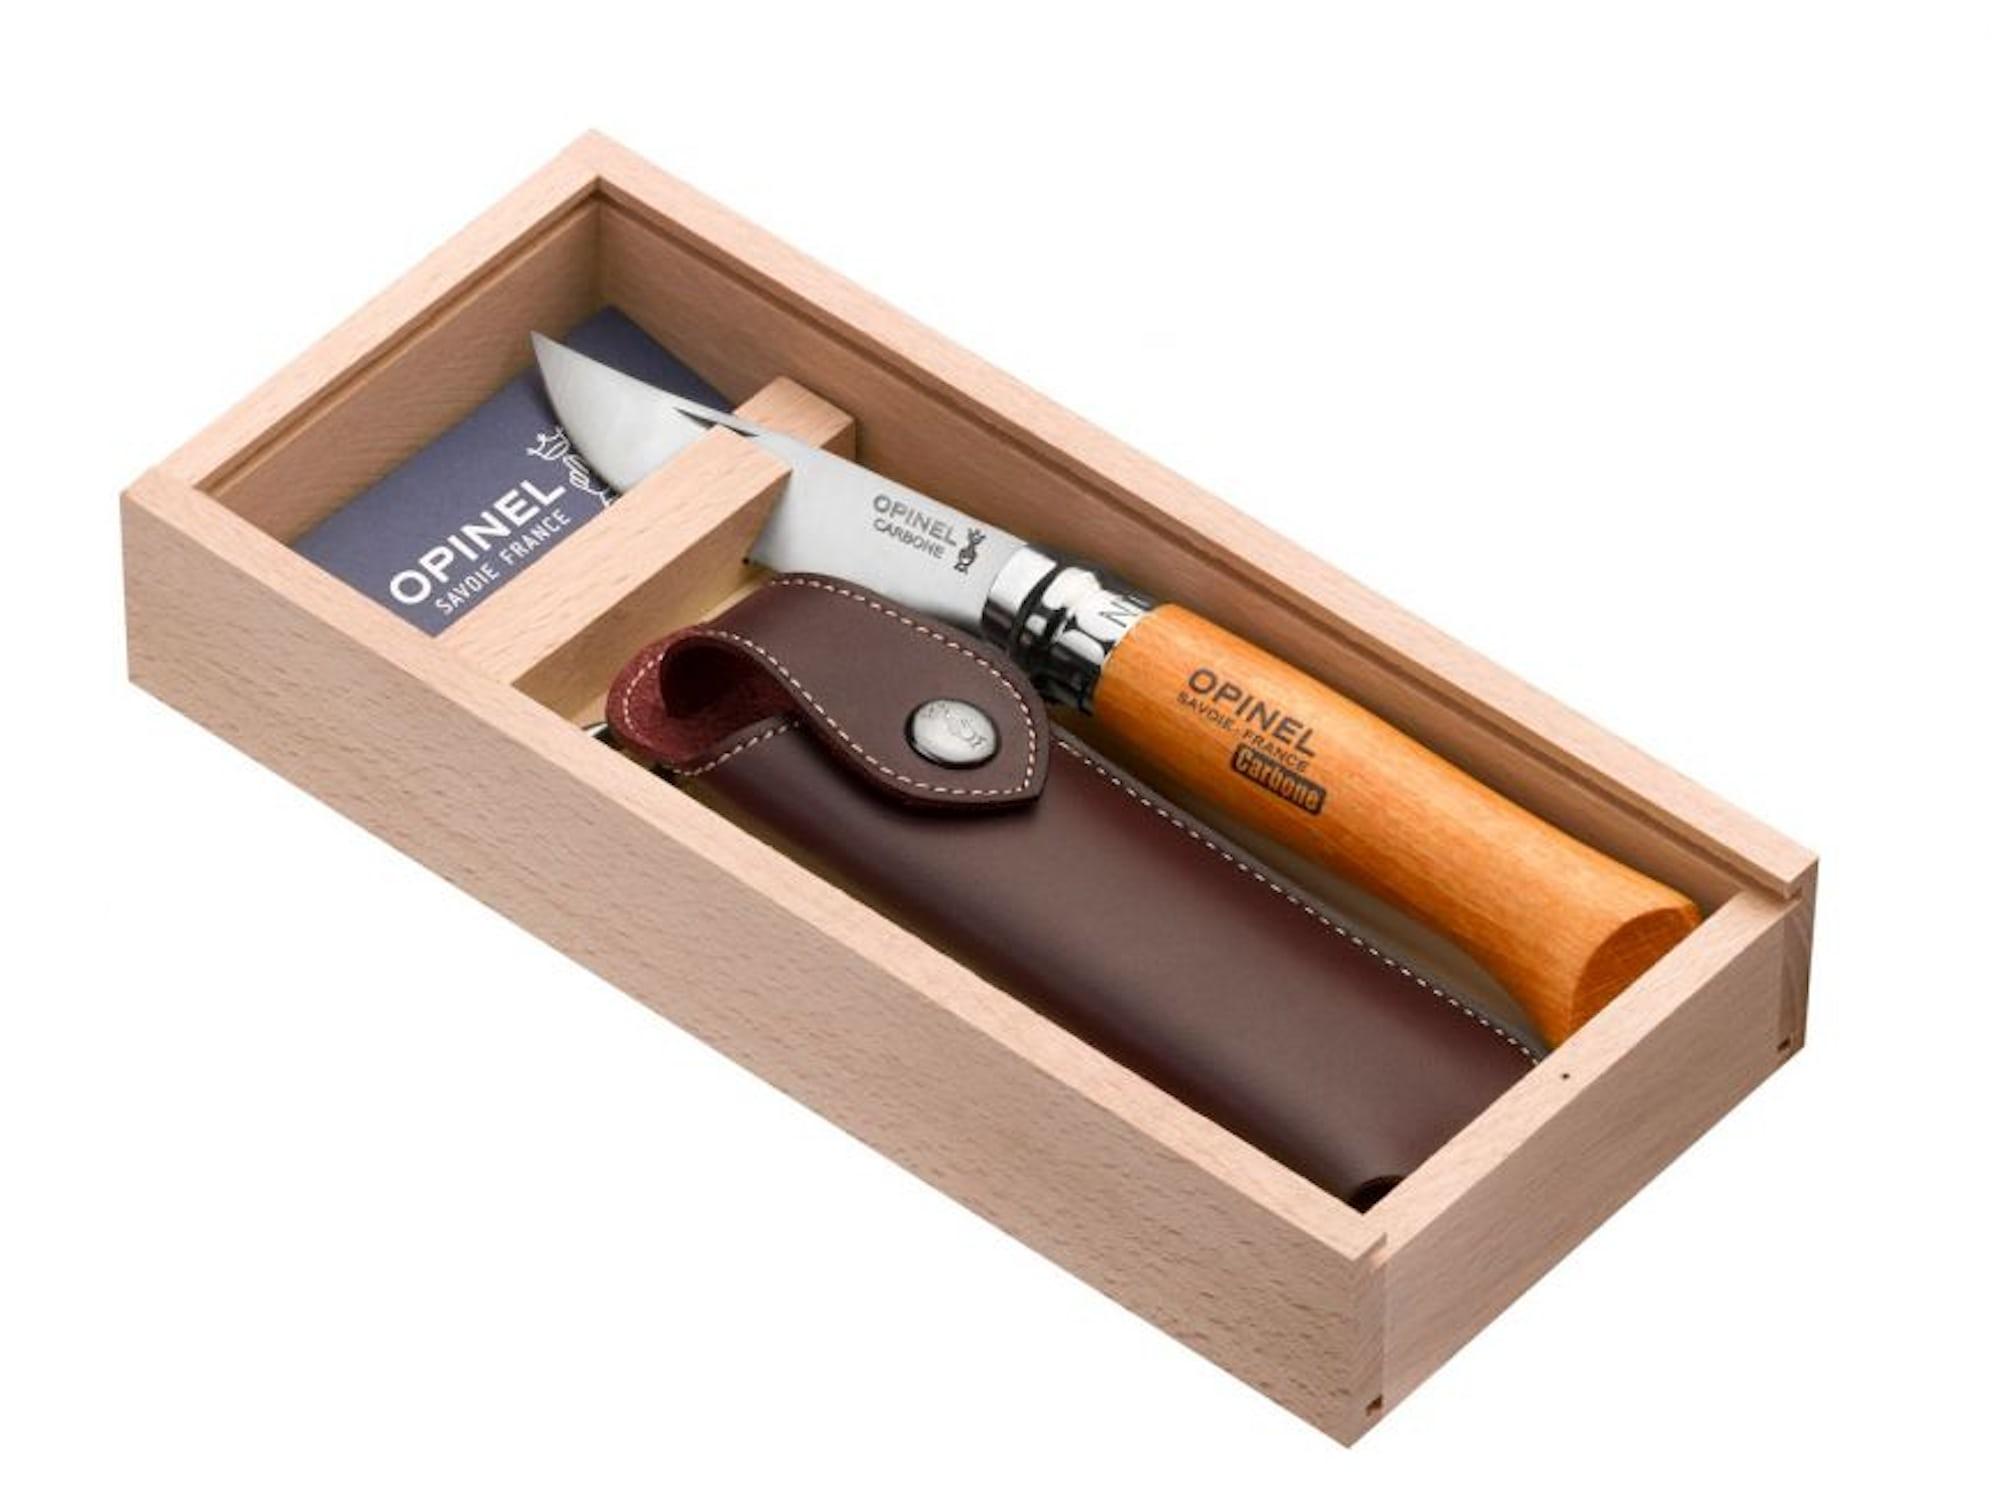 opinel pocket knife